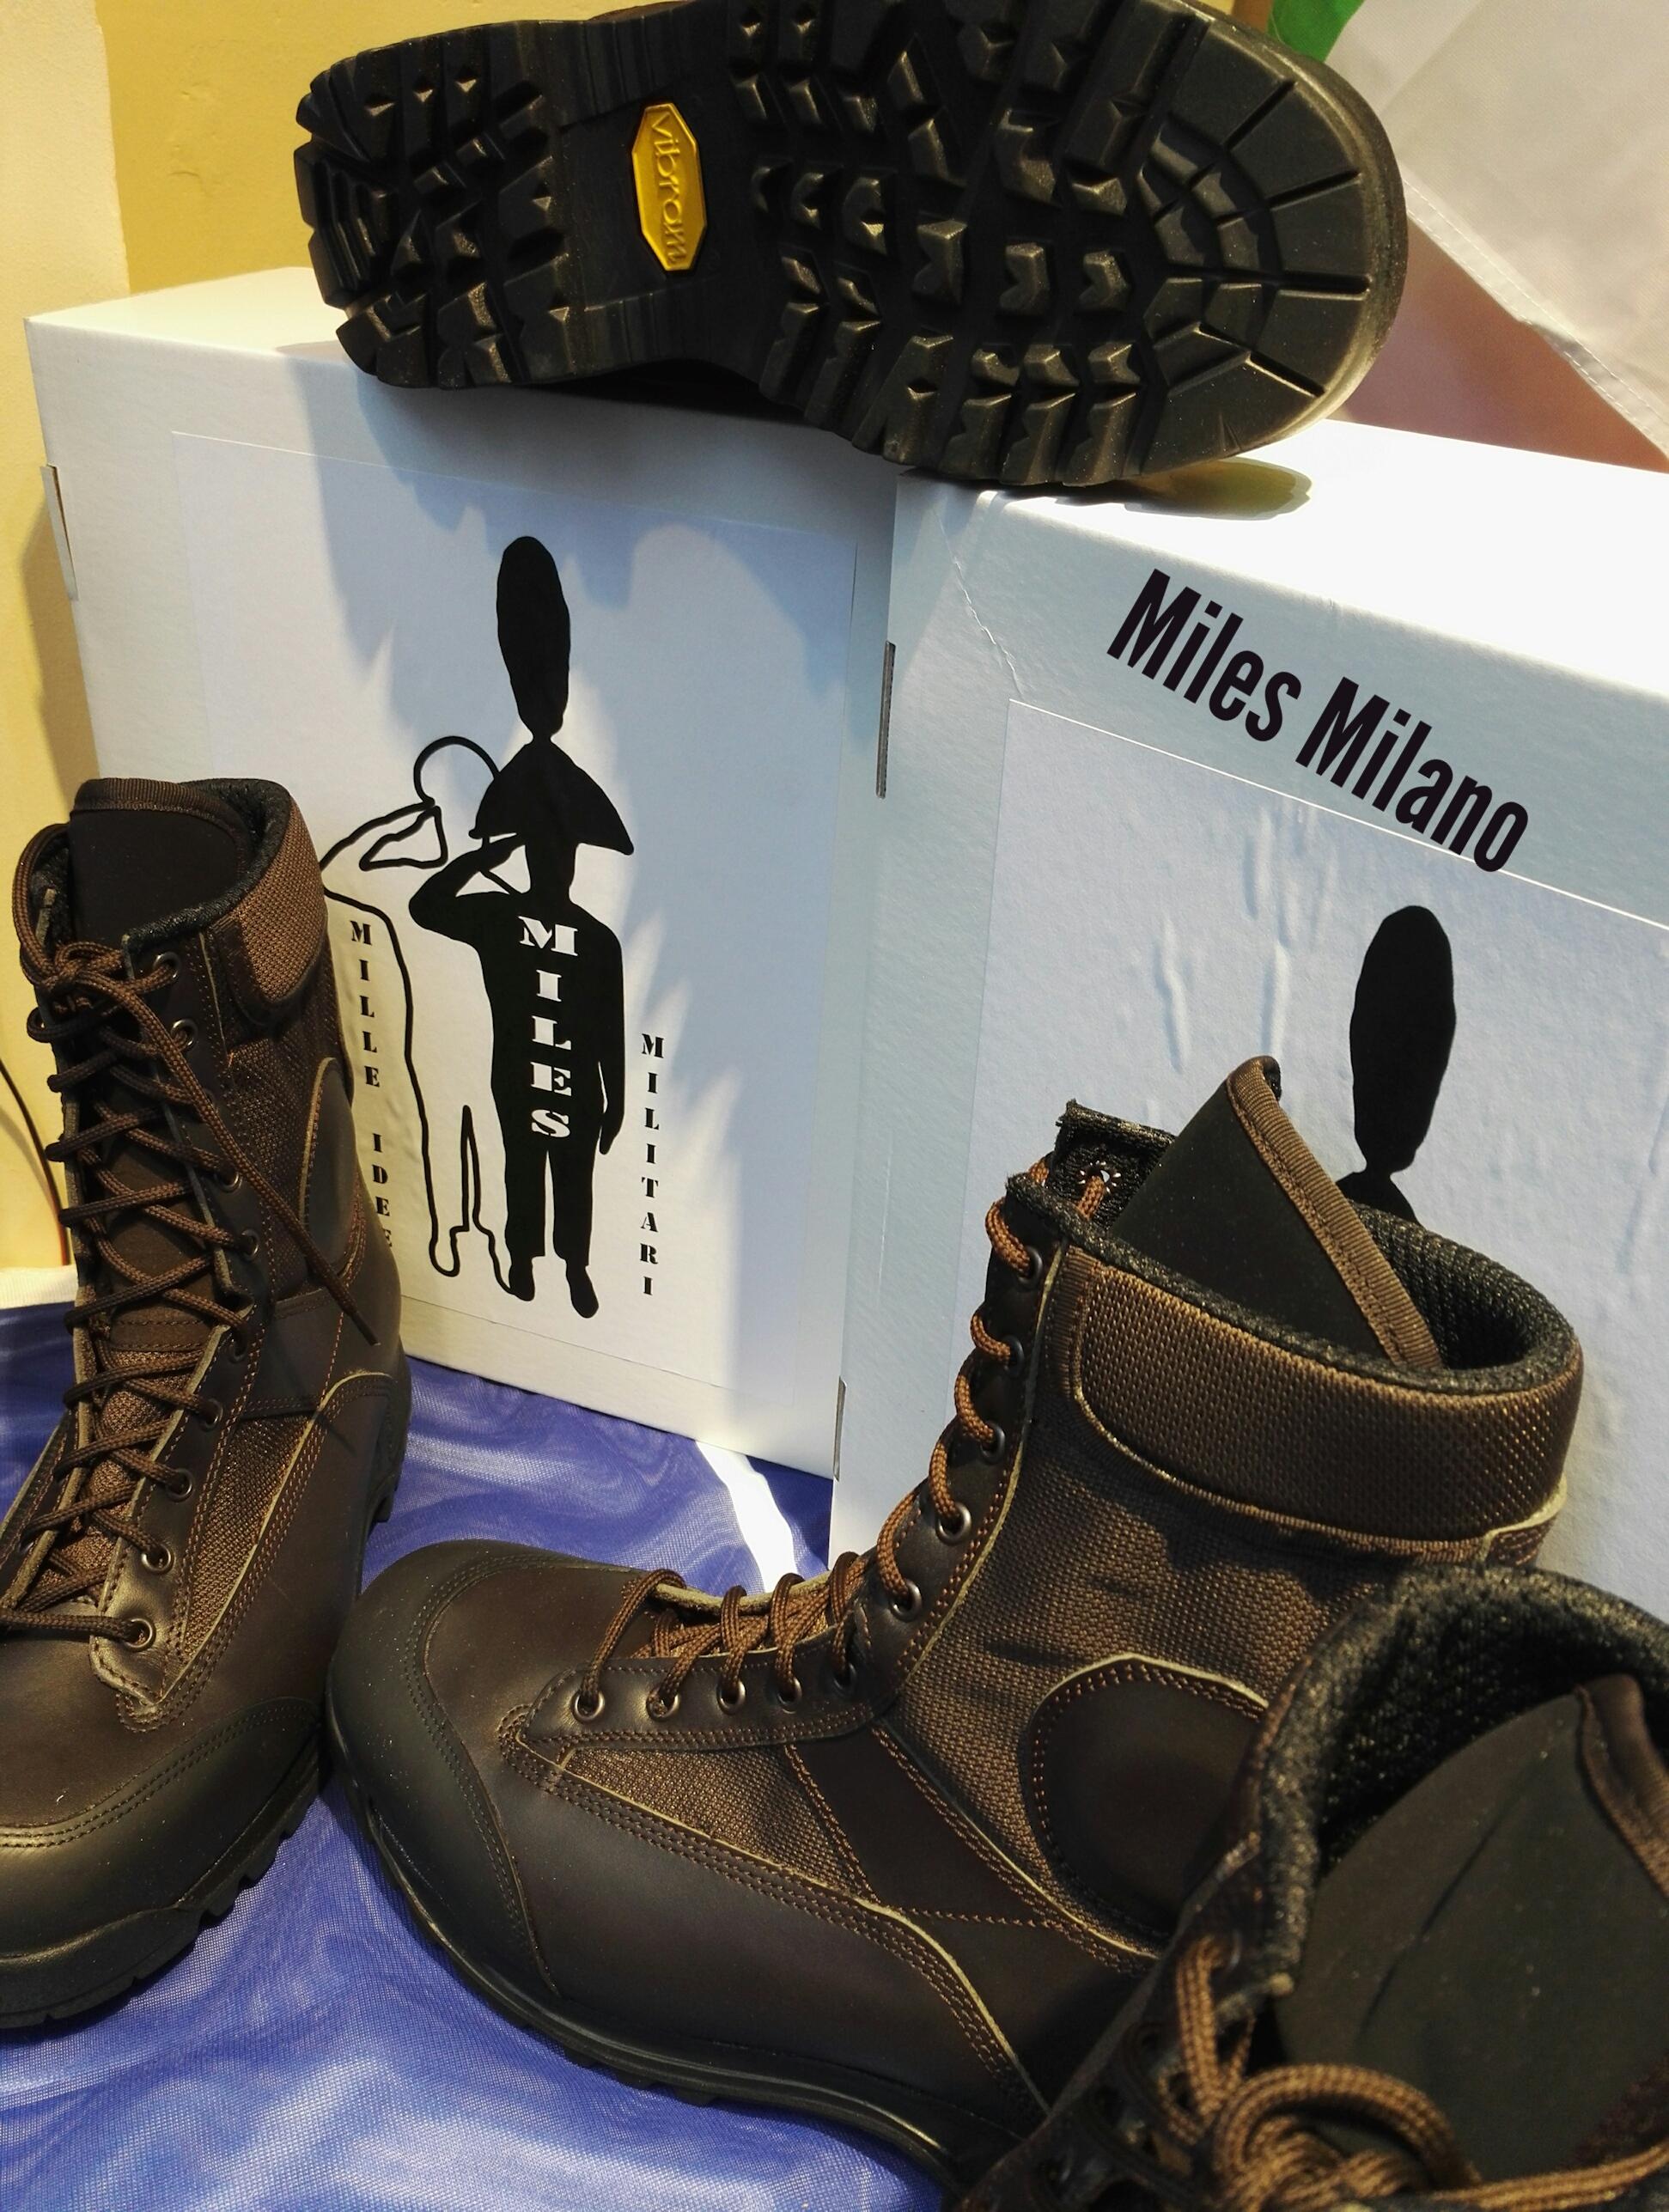 Anfibi stivali in pelle suola gomma originali mili likesx